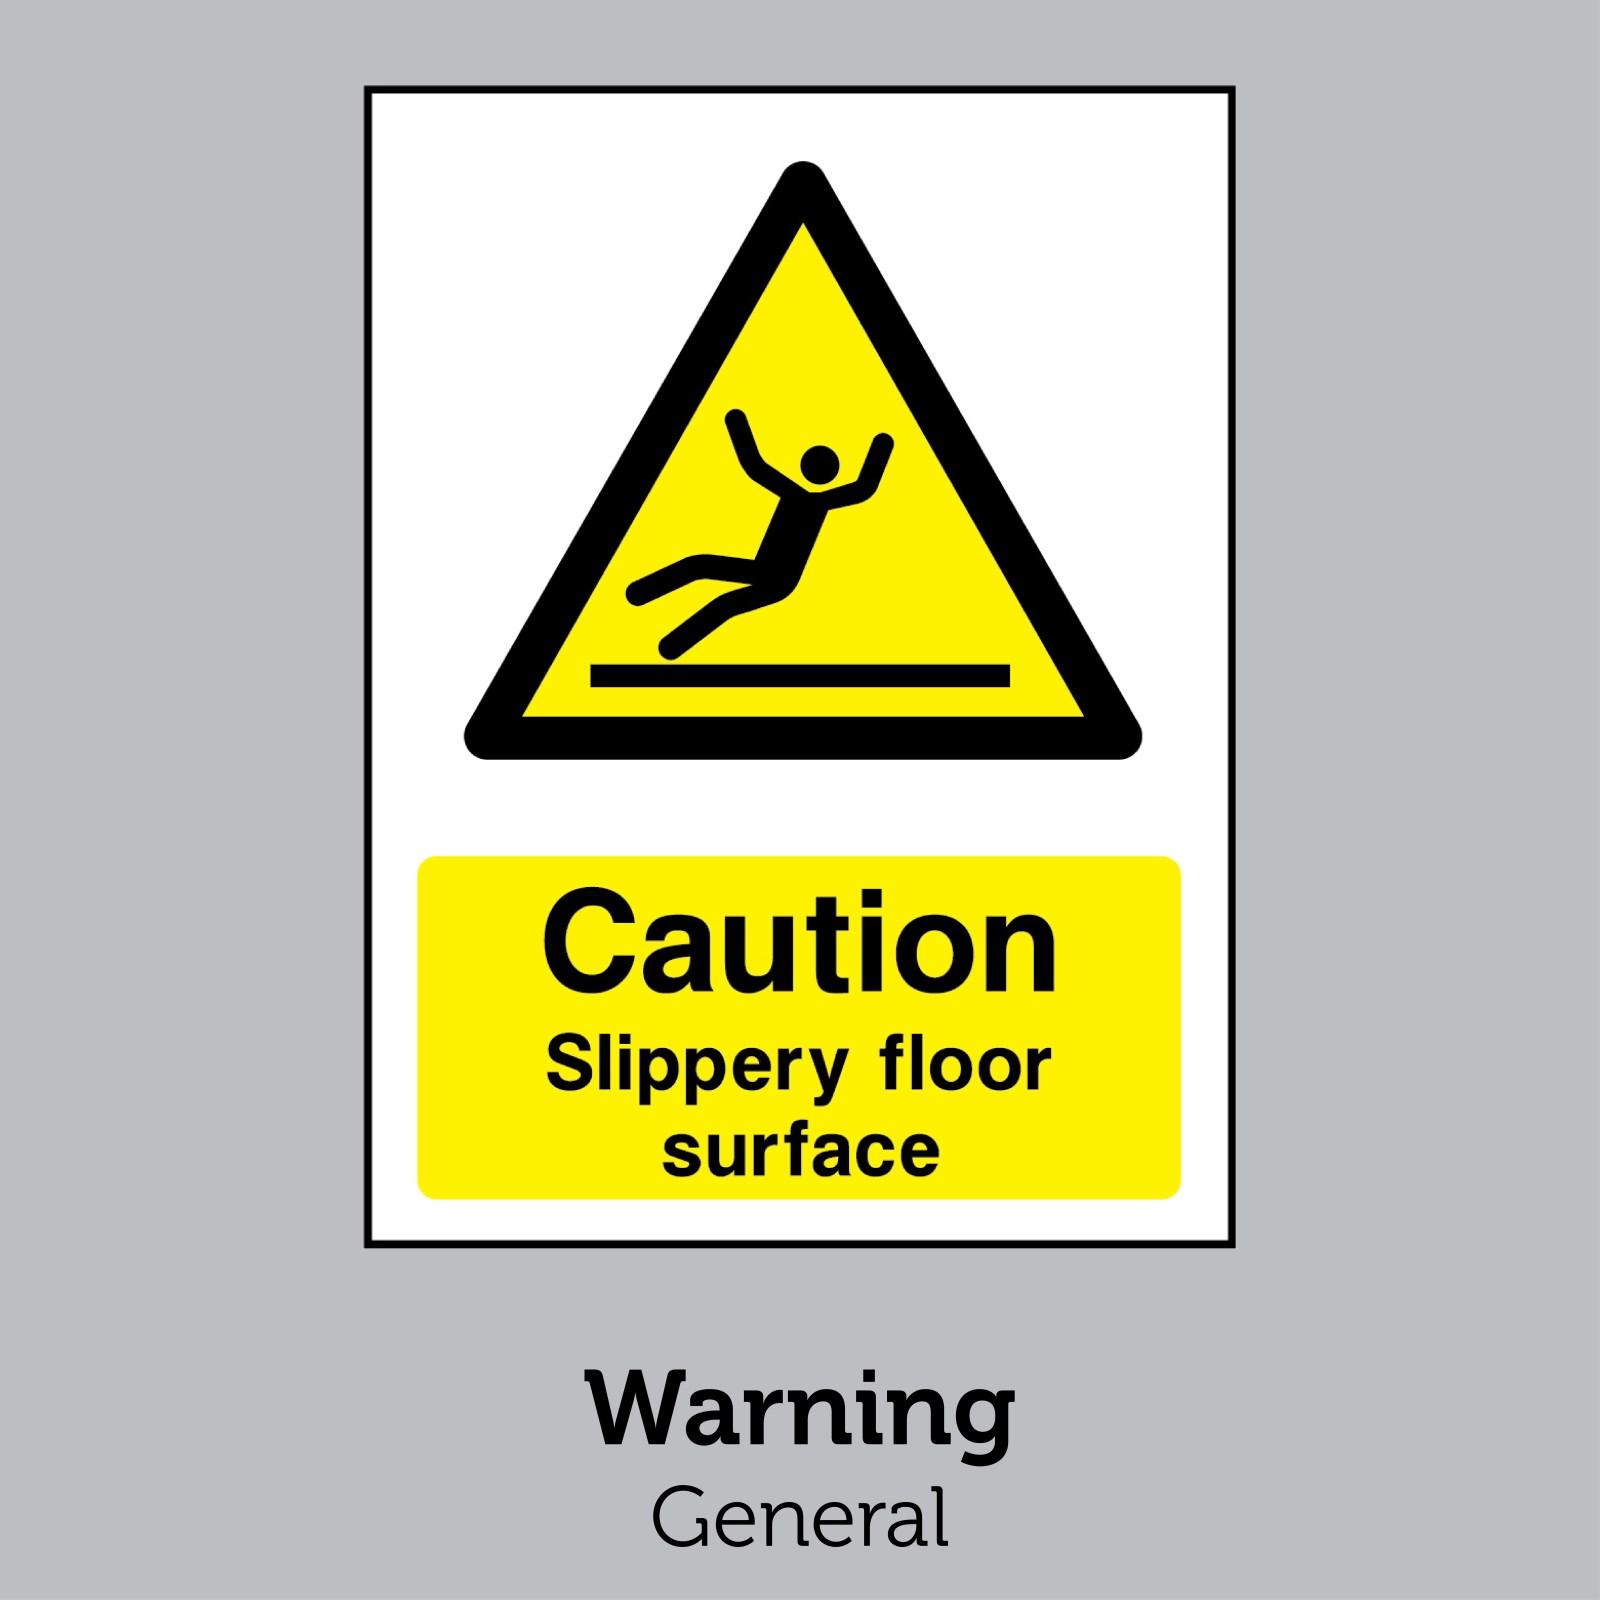 Warning - General